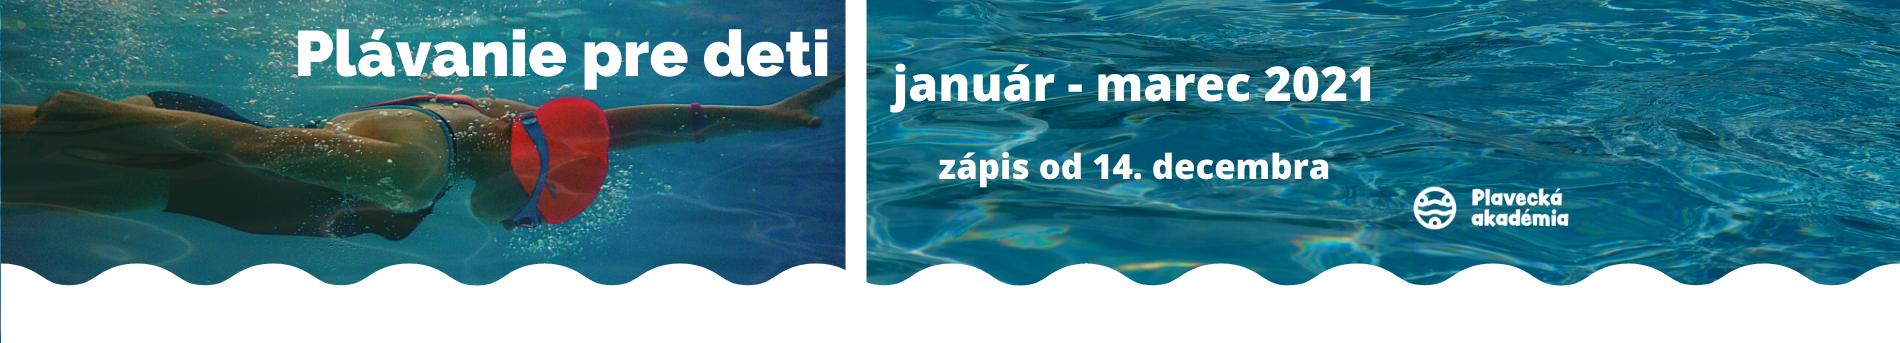 Plávanie pre deti JANUÁR - MAREC 2021